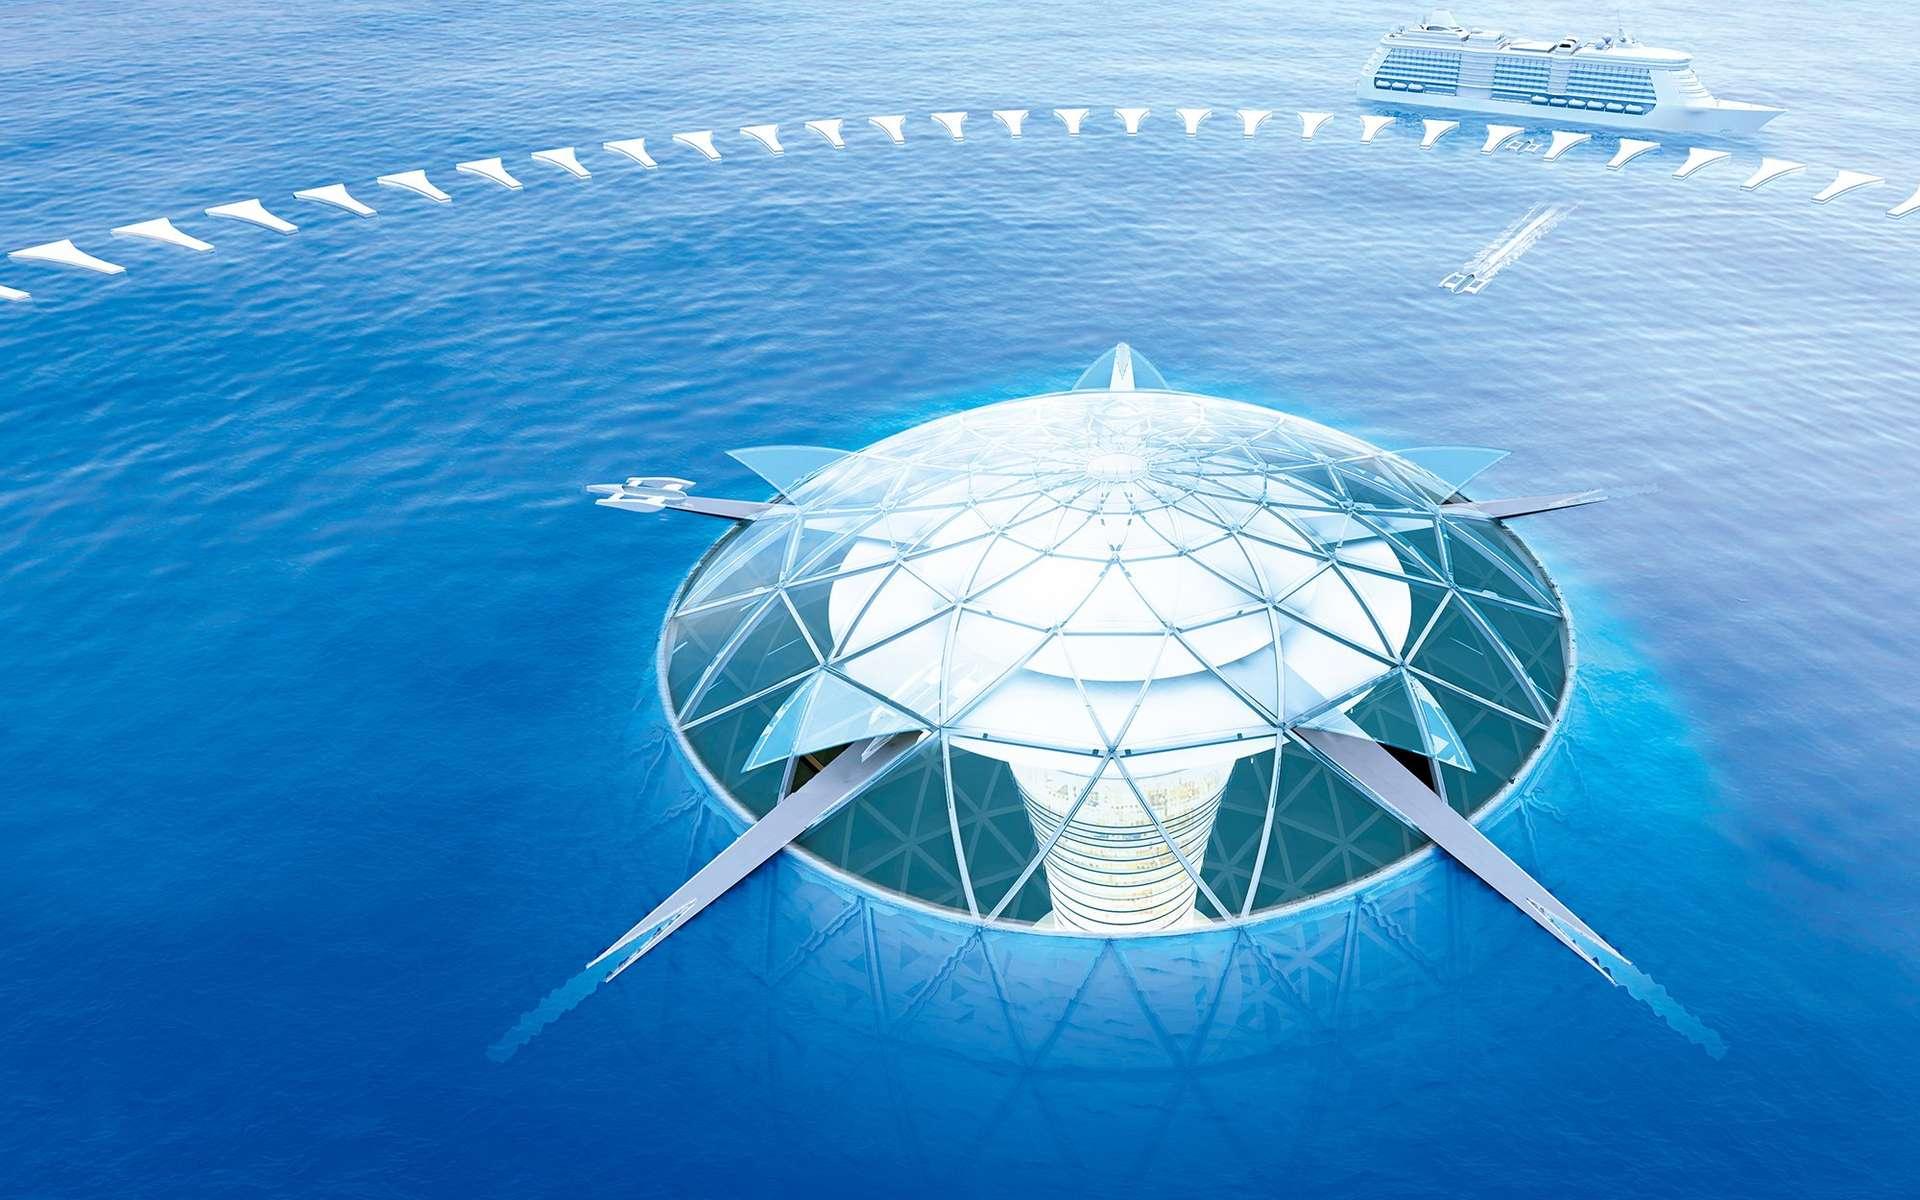 La partie émergée de la sphère d'habitation d'Ocean Spiral, avec ses zones portuaires. Cette ambitieuse étude entend démontrer qu'il est possible de vivre sous la mer en exploitant ses ressources d'une manière raisonnée. © Shimizu